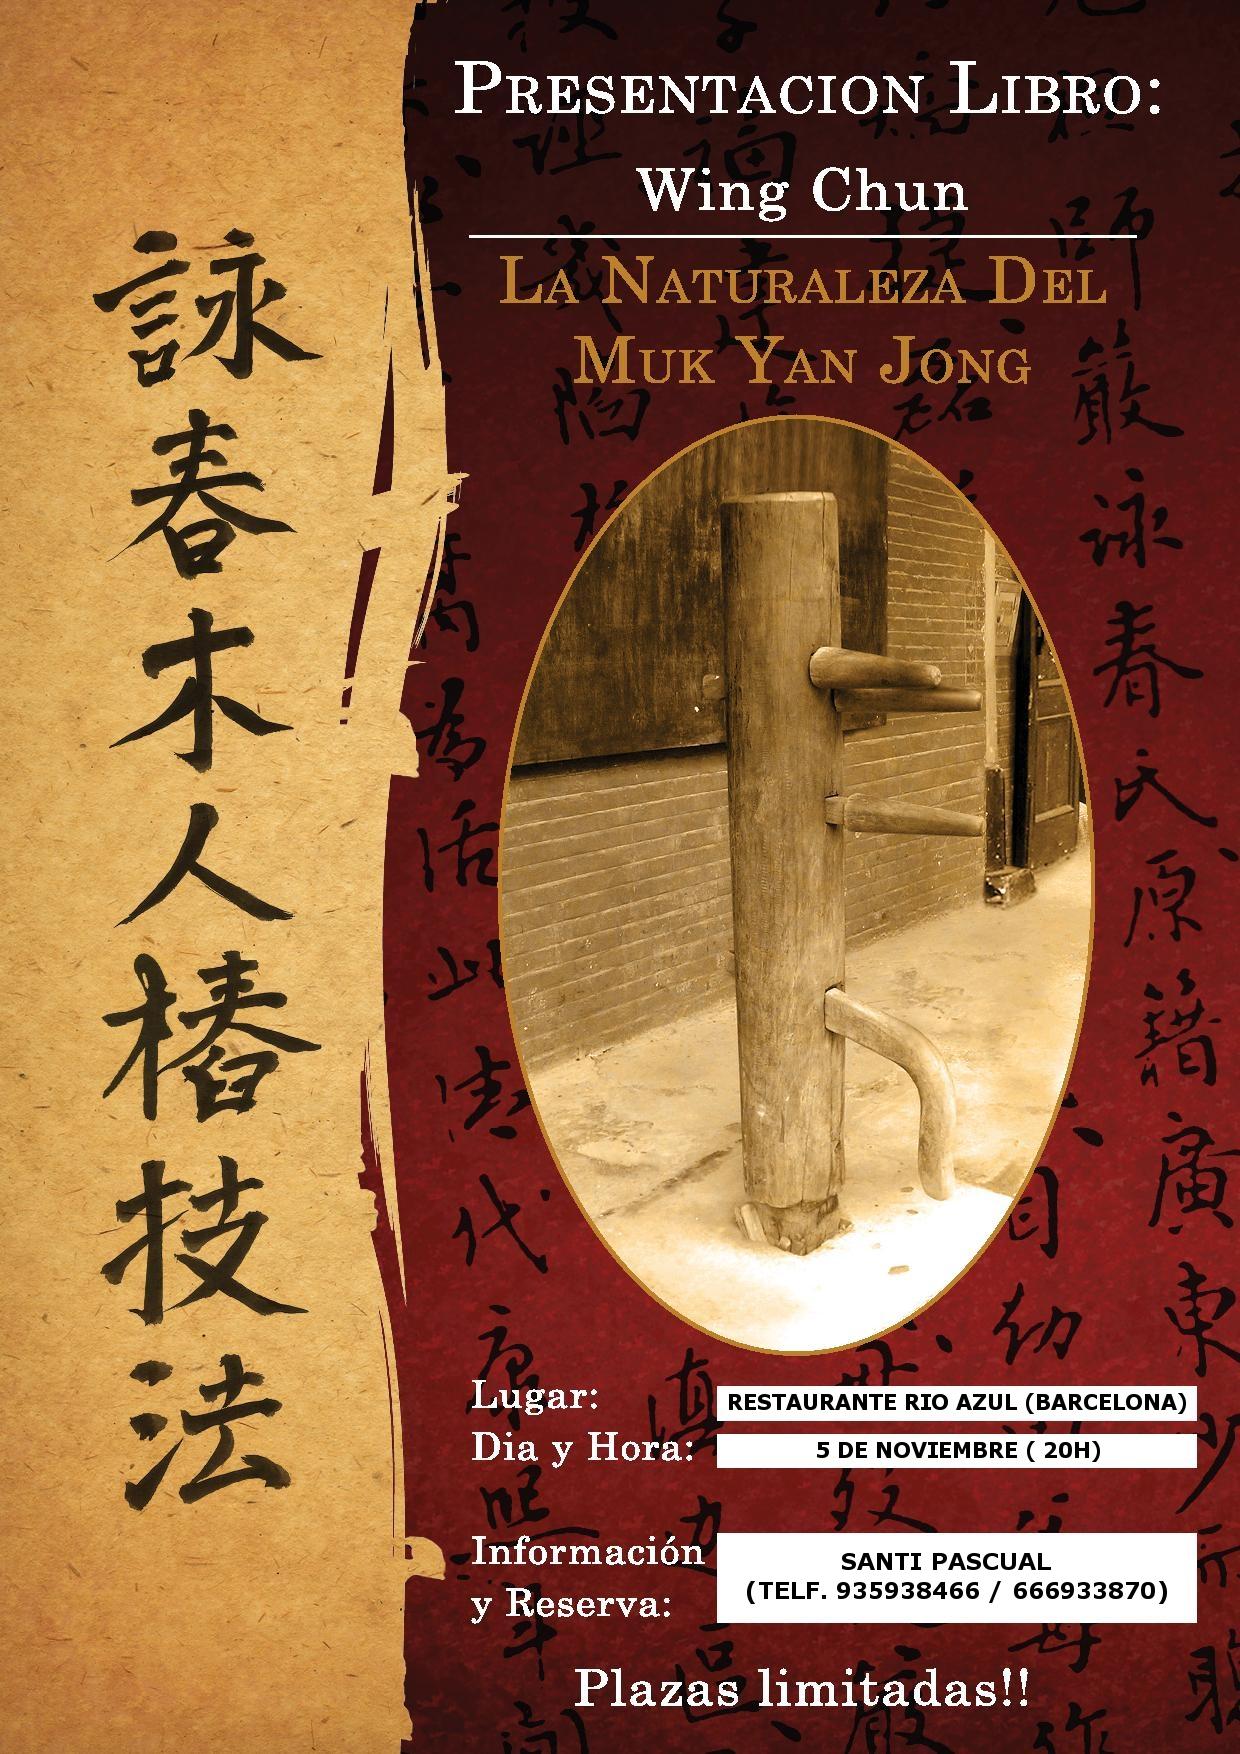 Resultado de imagem para sifu santi pascual libros